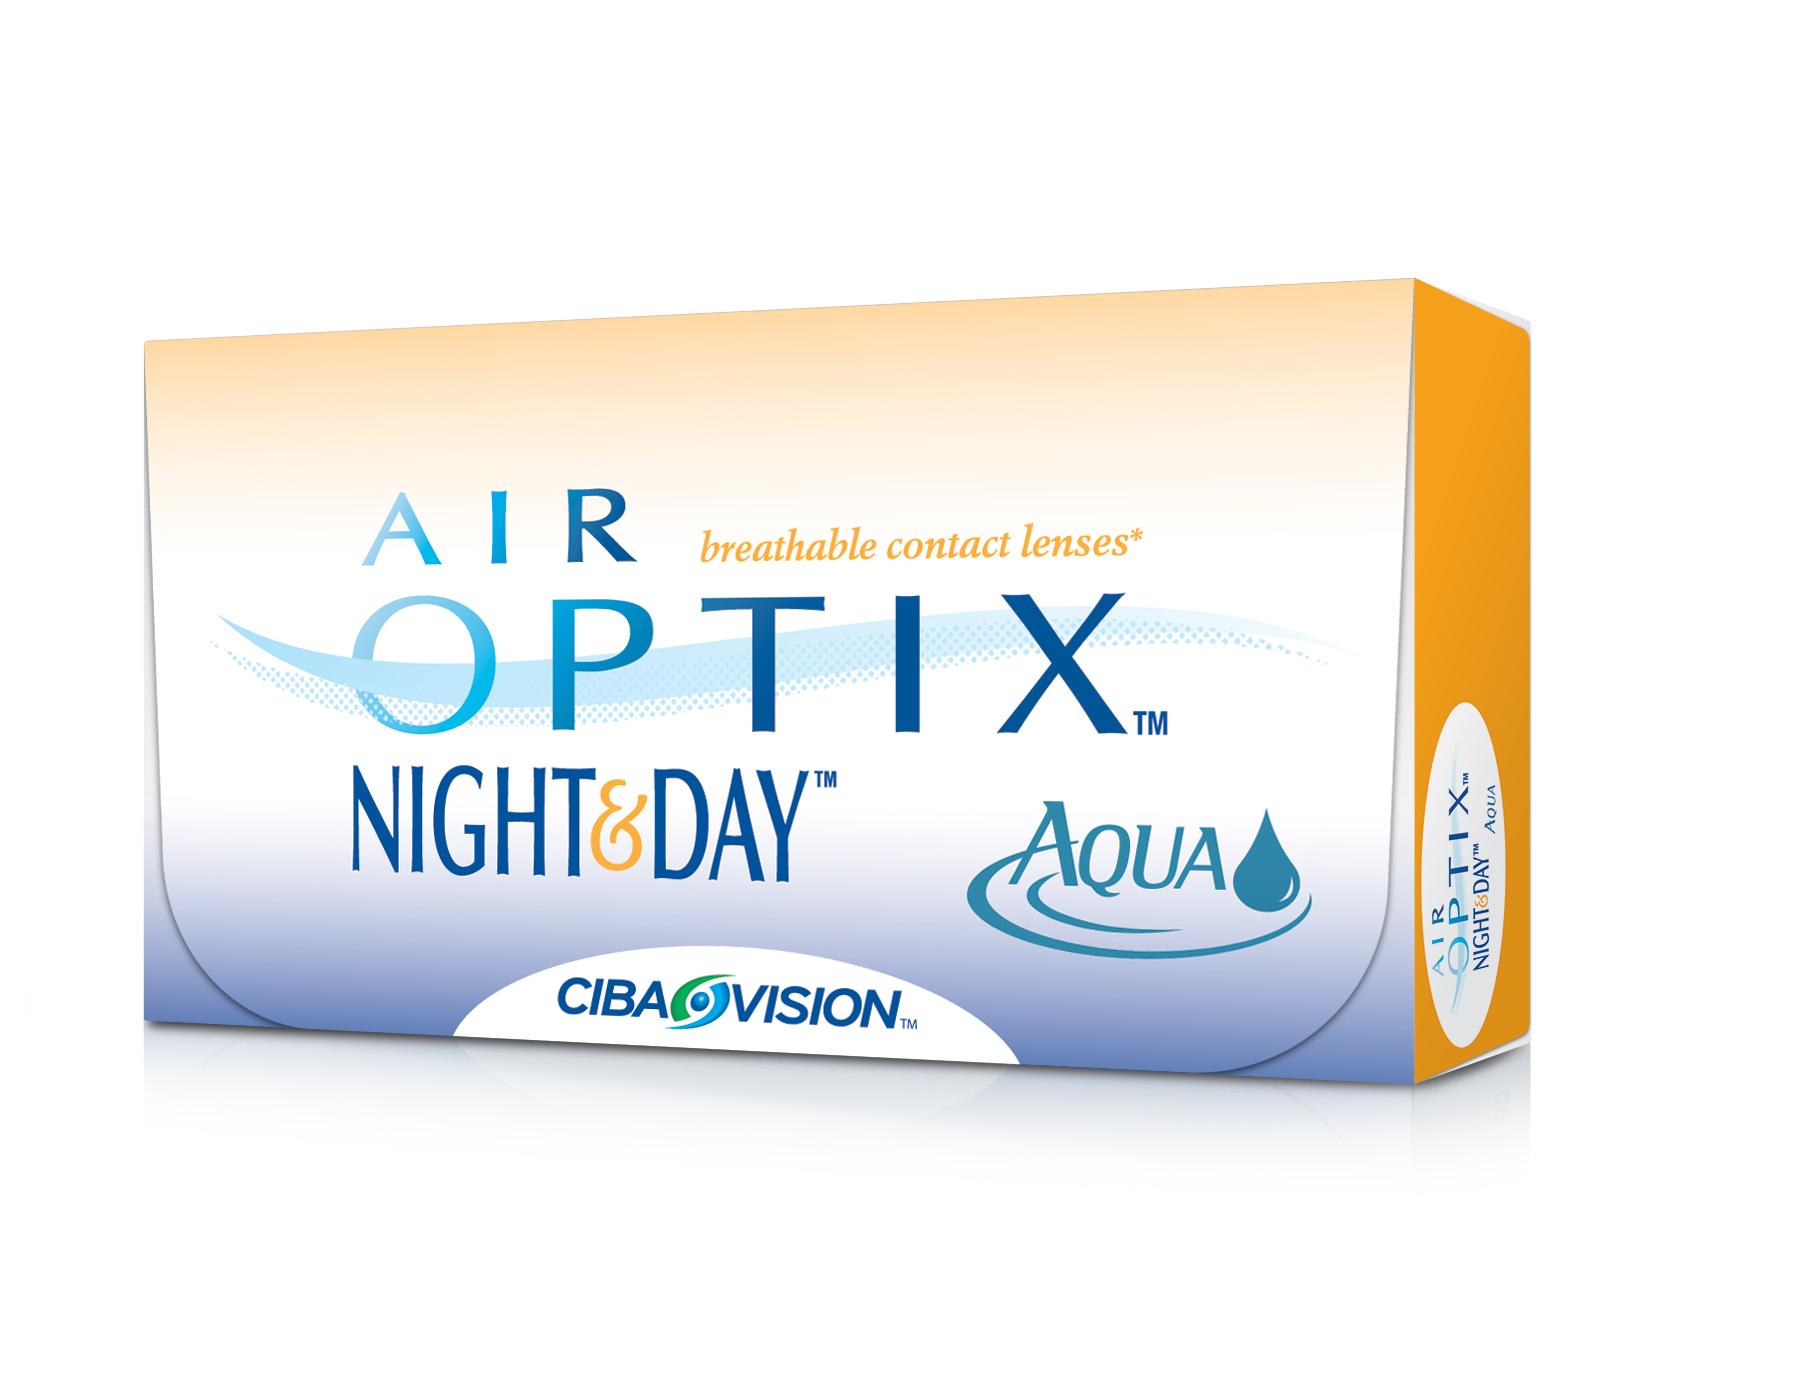 Air optix night and day.jpg